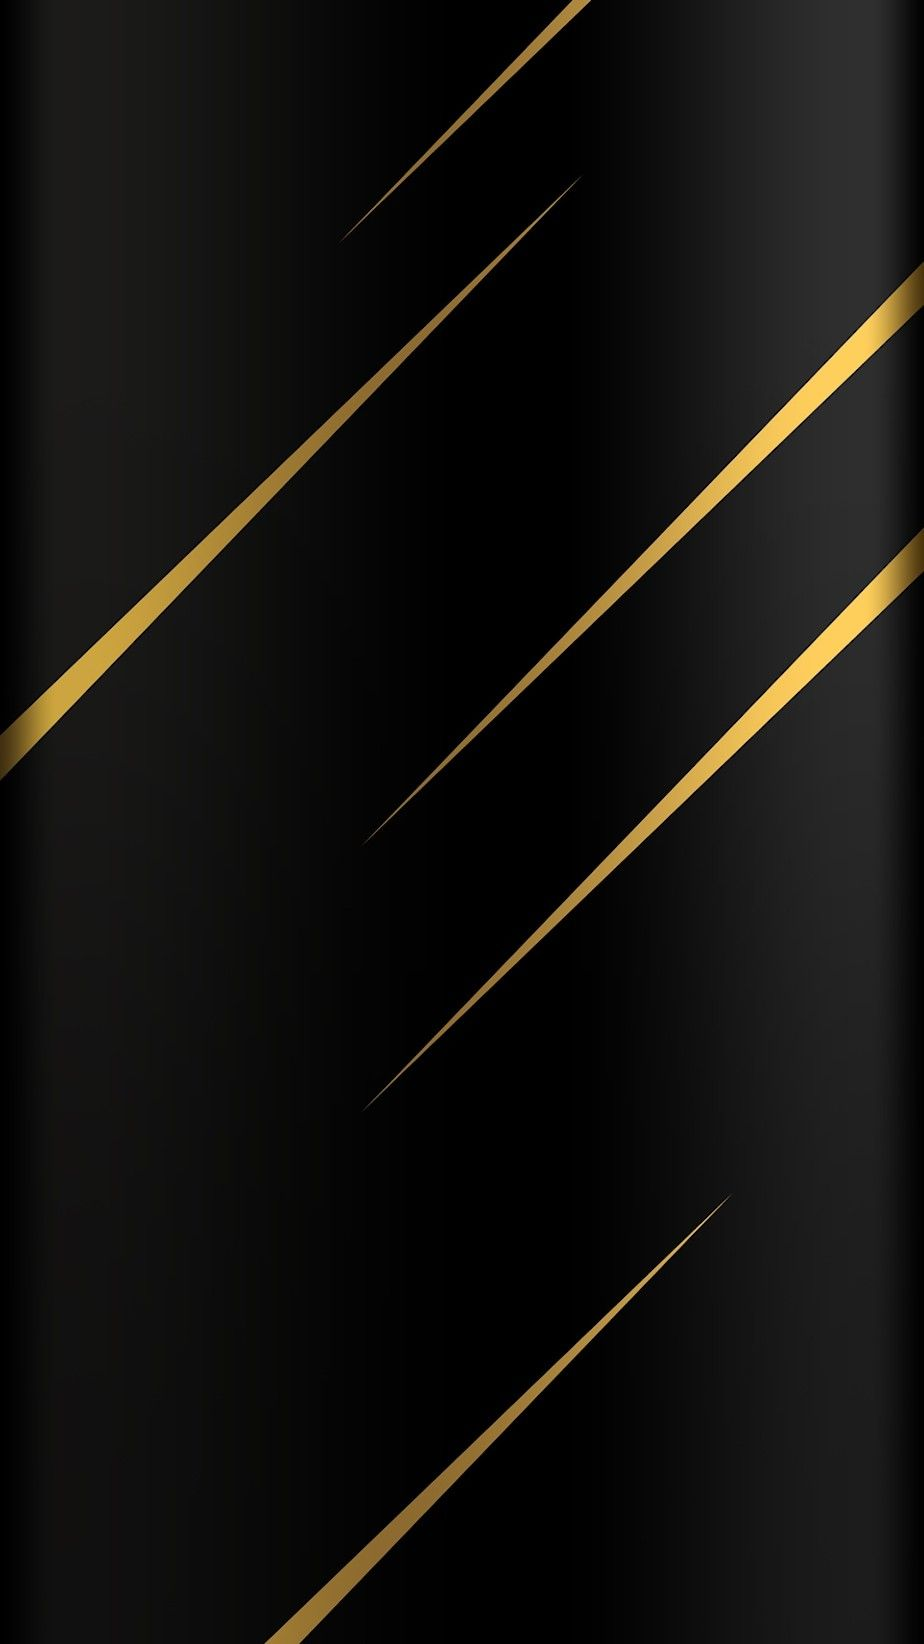 Pin Oleh Karan Jaykumar Di Wallpaper Phone Wallpaper Ponsel Hitam Wallpaper Hitam Wallpaper Android